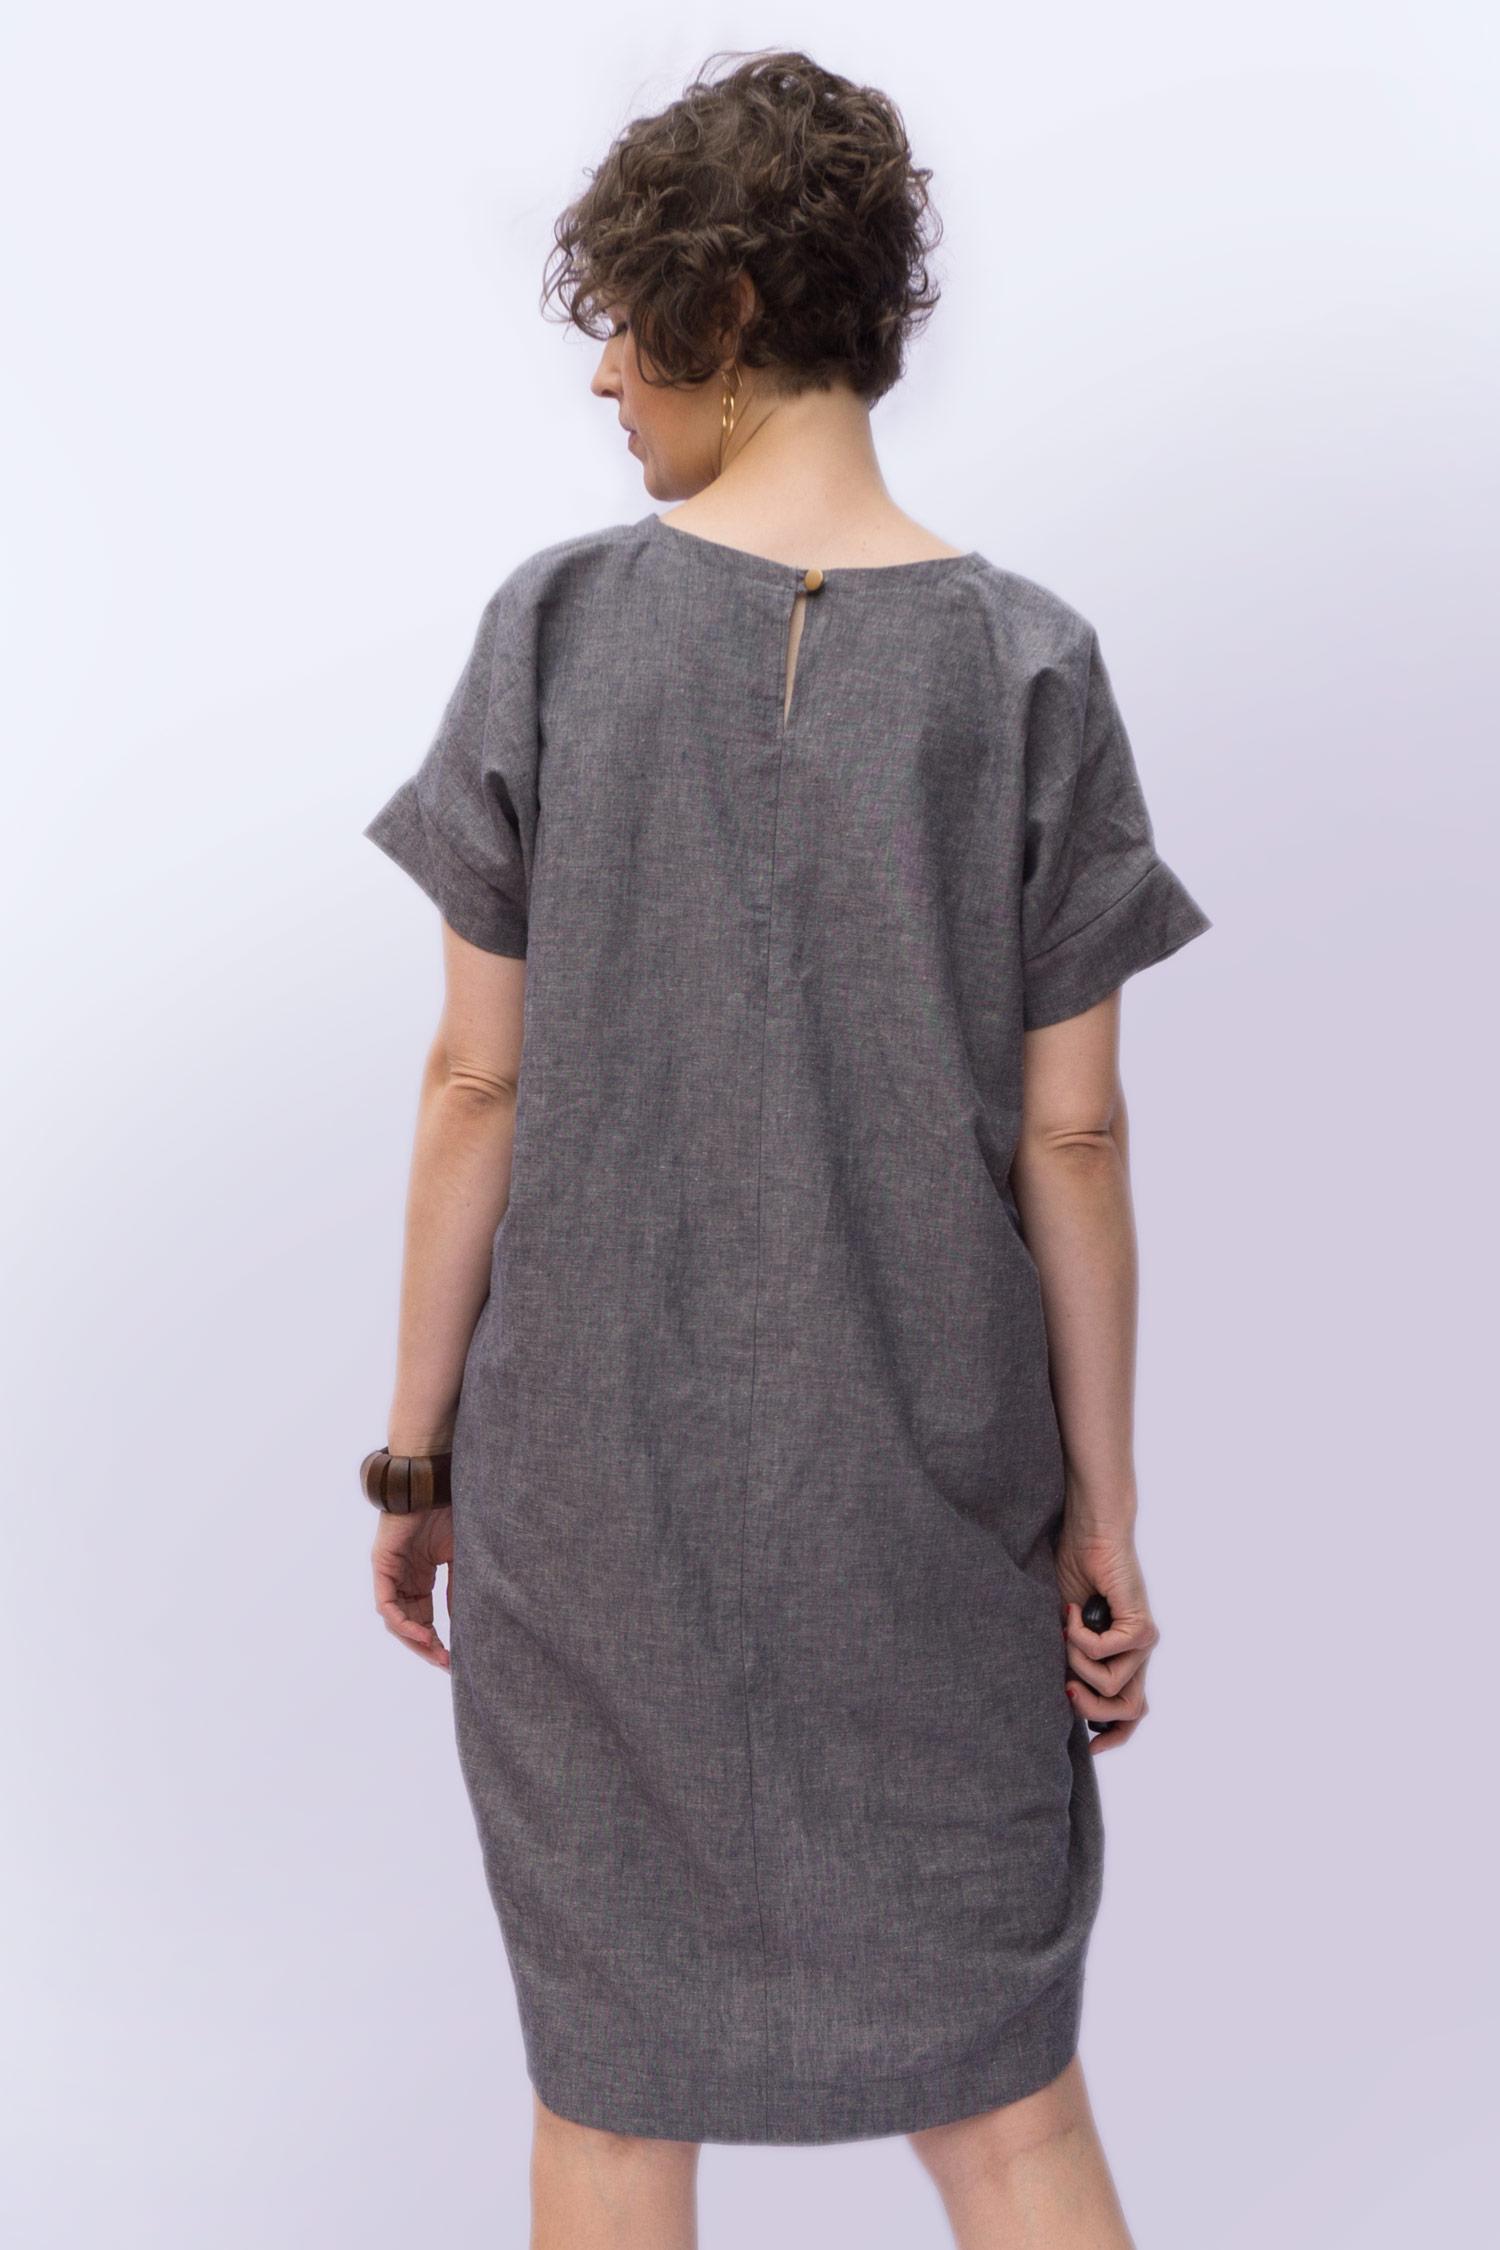 Lou Box Dress 1, View B back